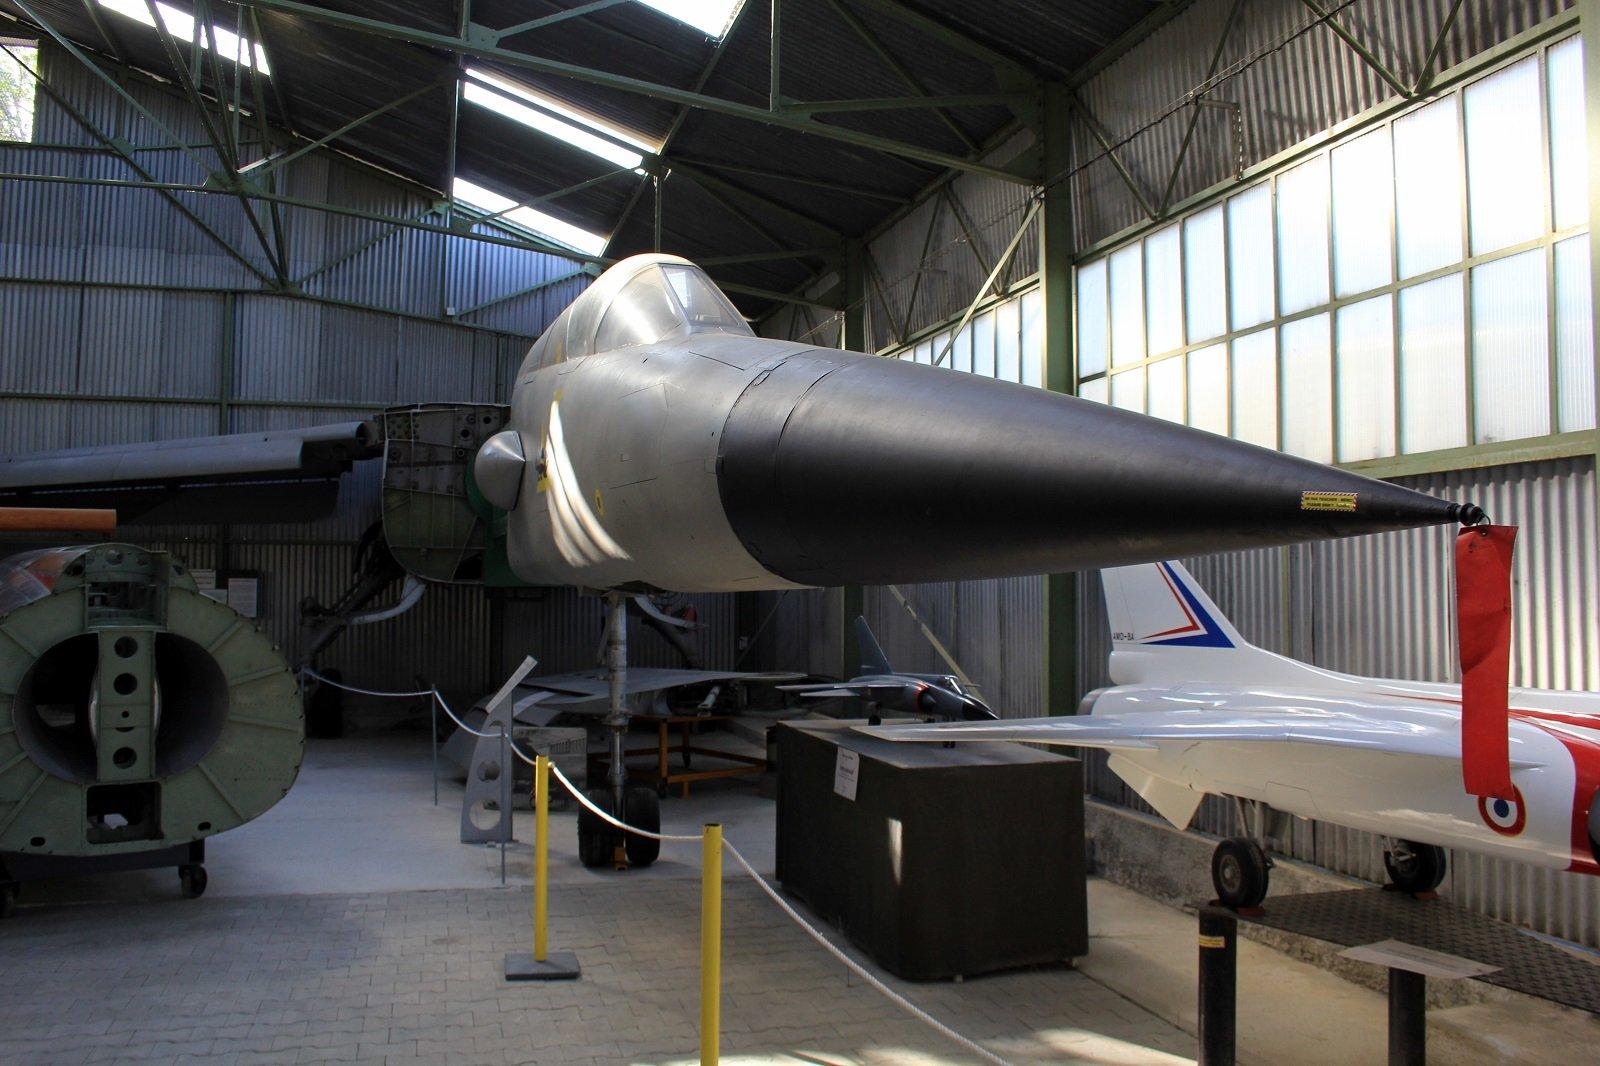 musée de l'aviation de chasse de Montelimar  - Page 2 191030070543498453